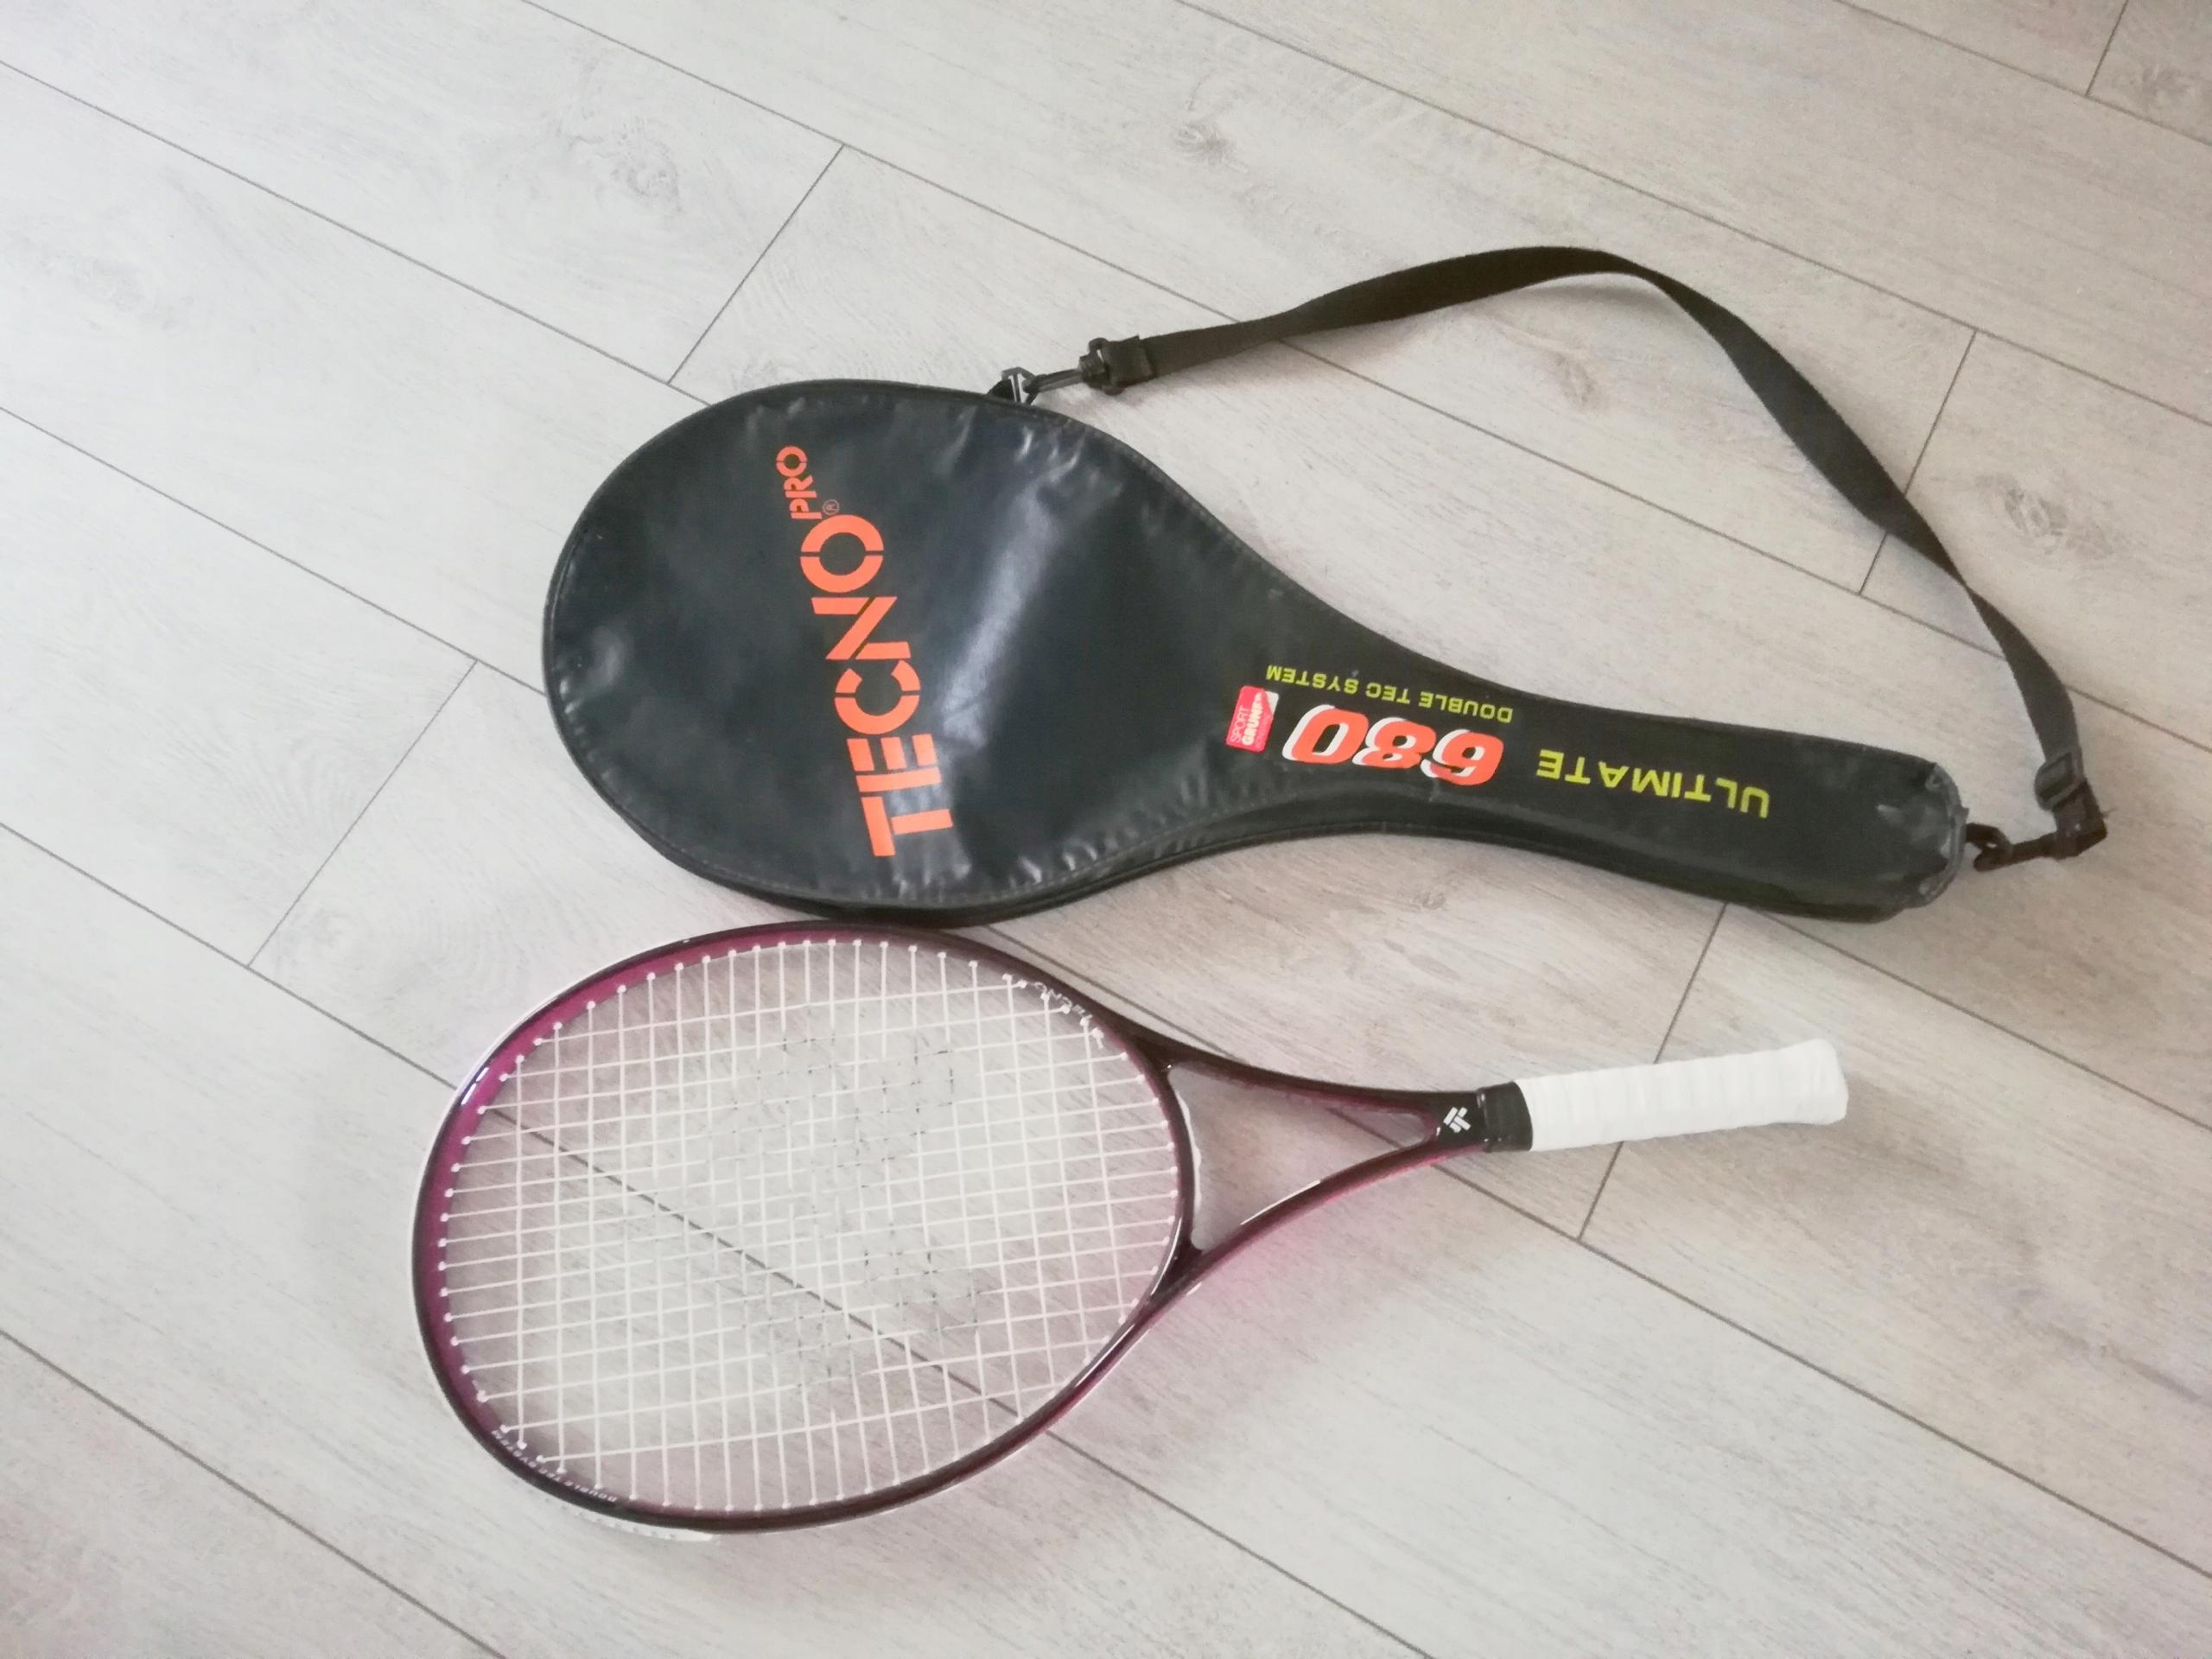 Oryginalna rakieta do tenisa damska + Pokrowiec